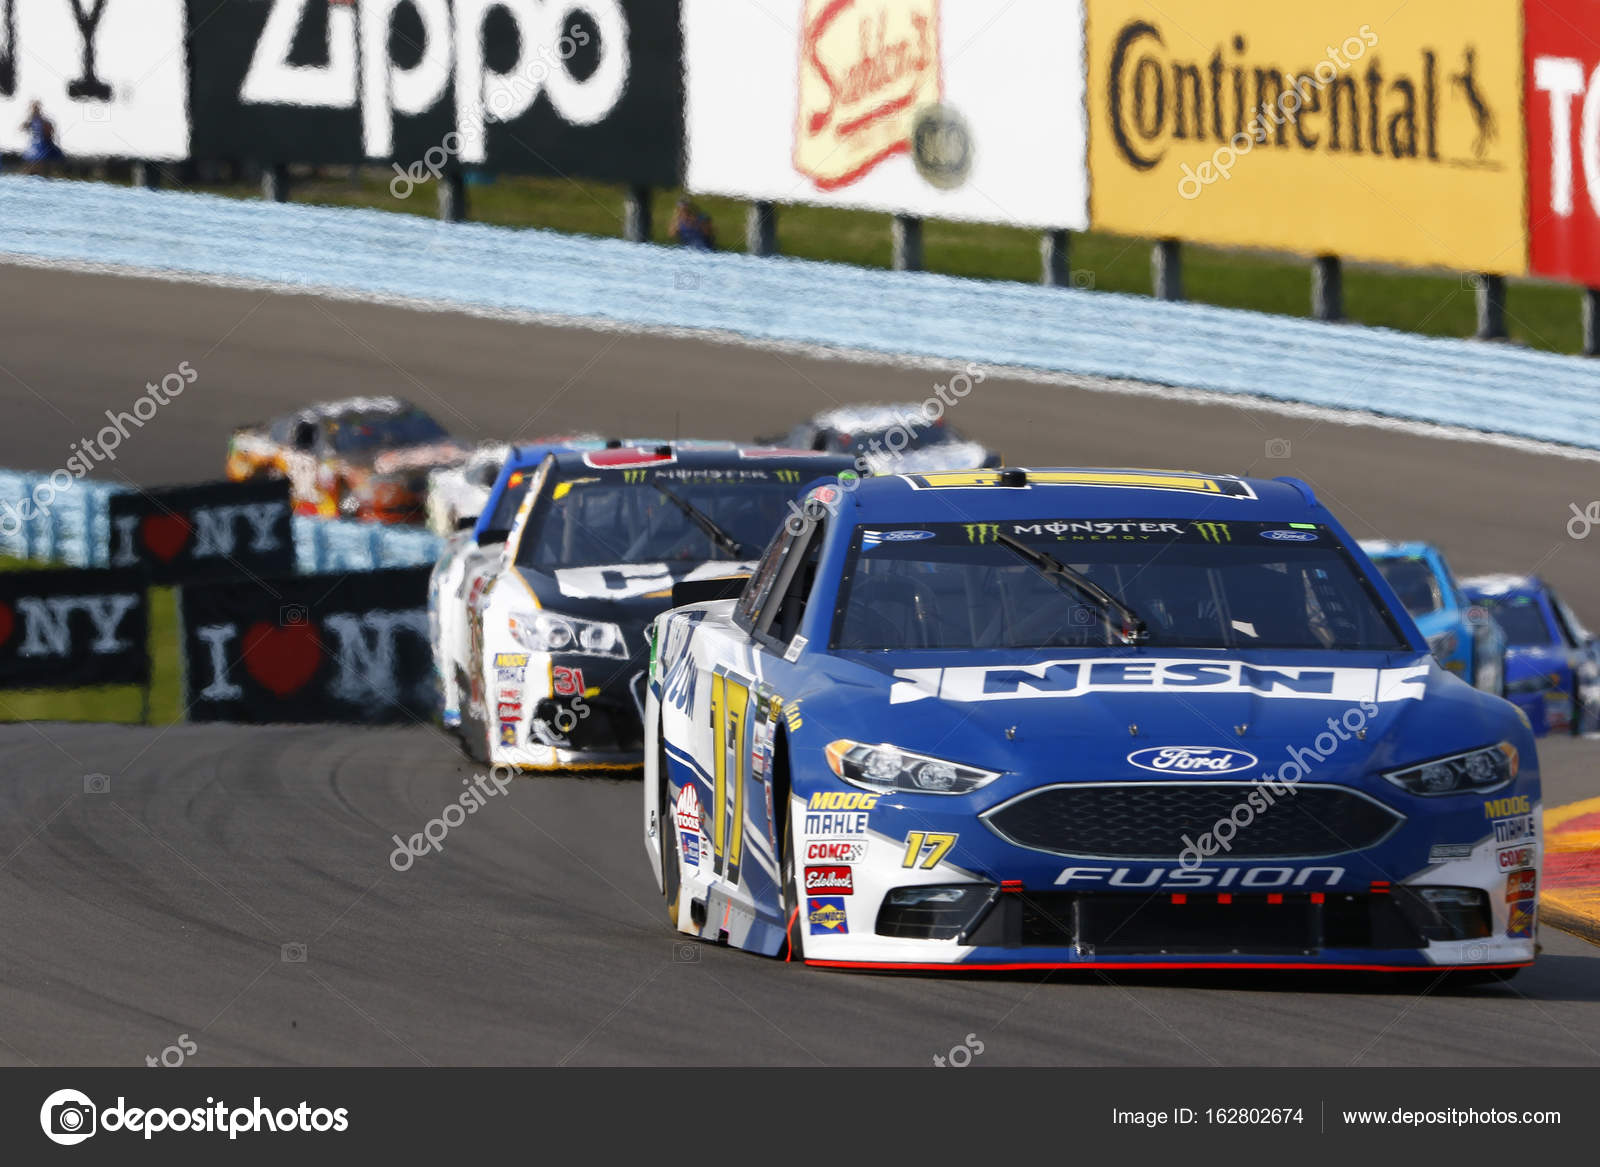 NASCAR: August 06 I LOVE NY 35...